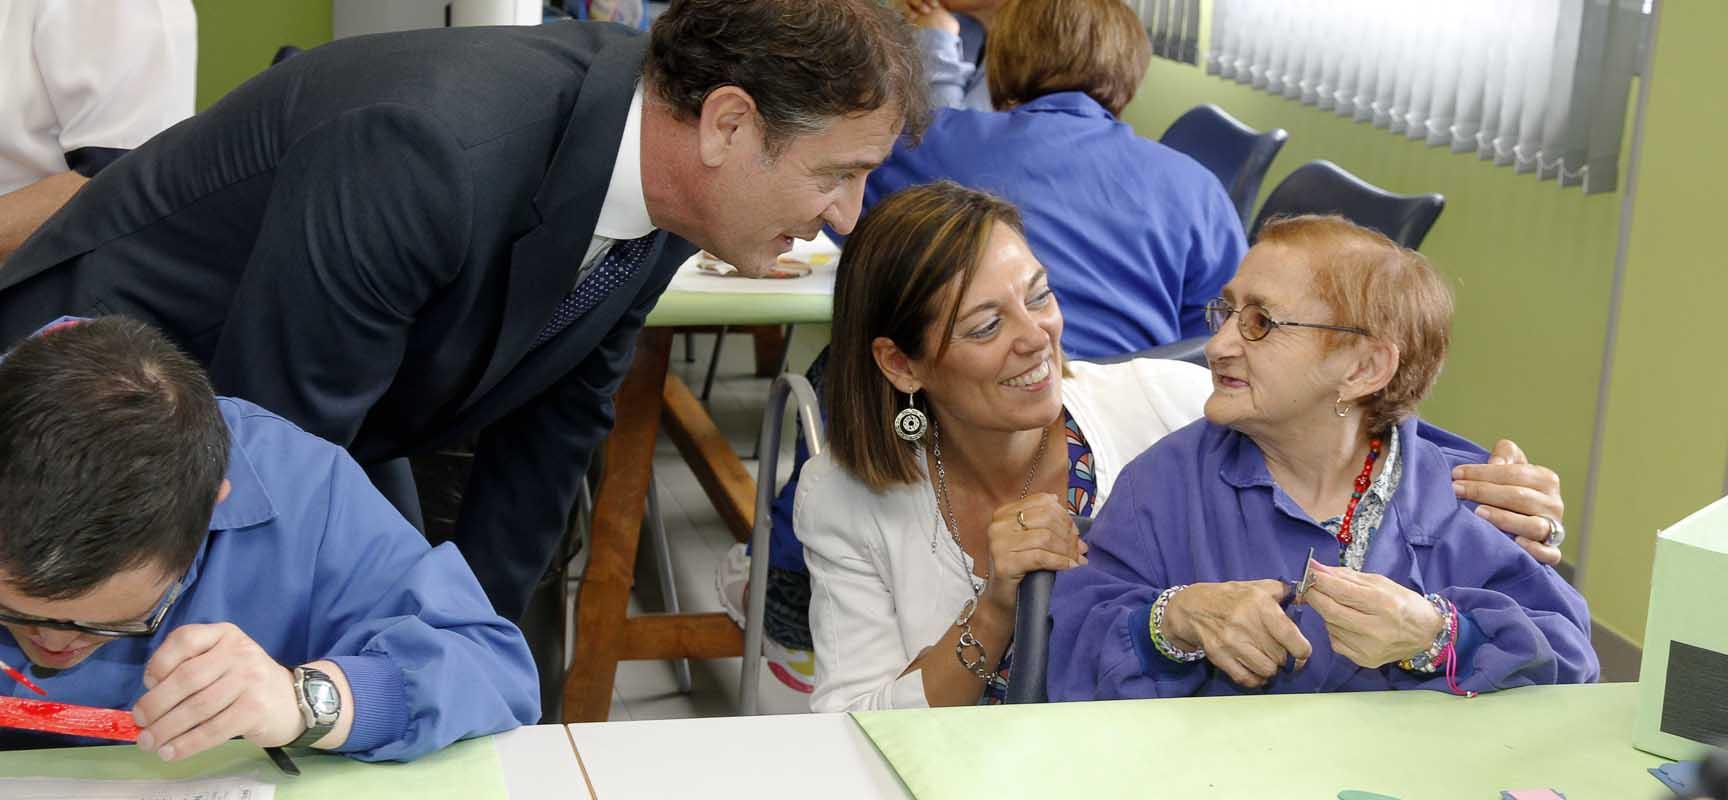 Milagros Marcos junto al Presidente de Apadefim Cuéllar, José Ignacio Matesanz, y una de las usuarias del taller de artesanía.